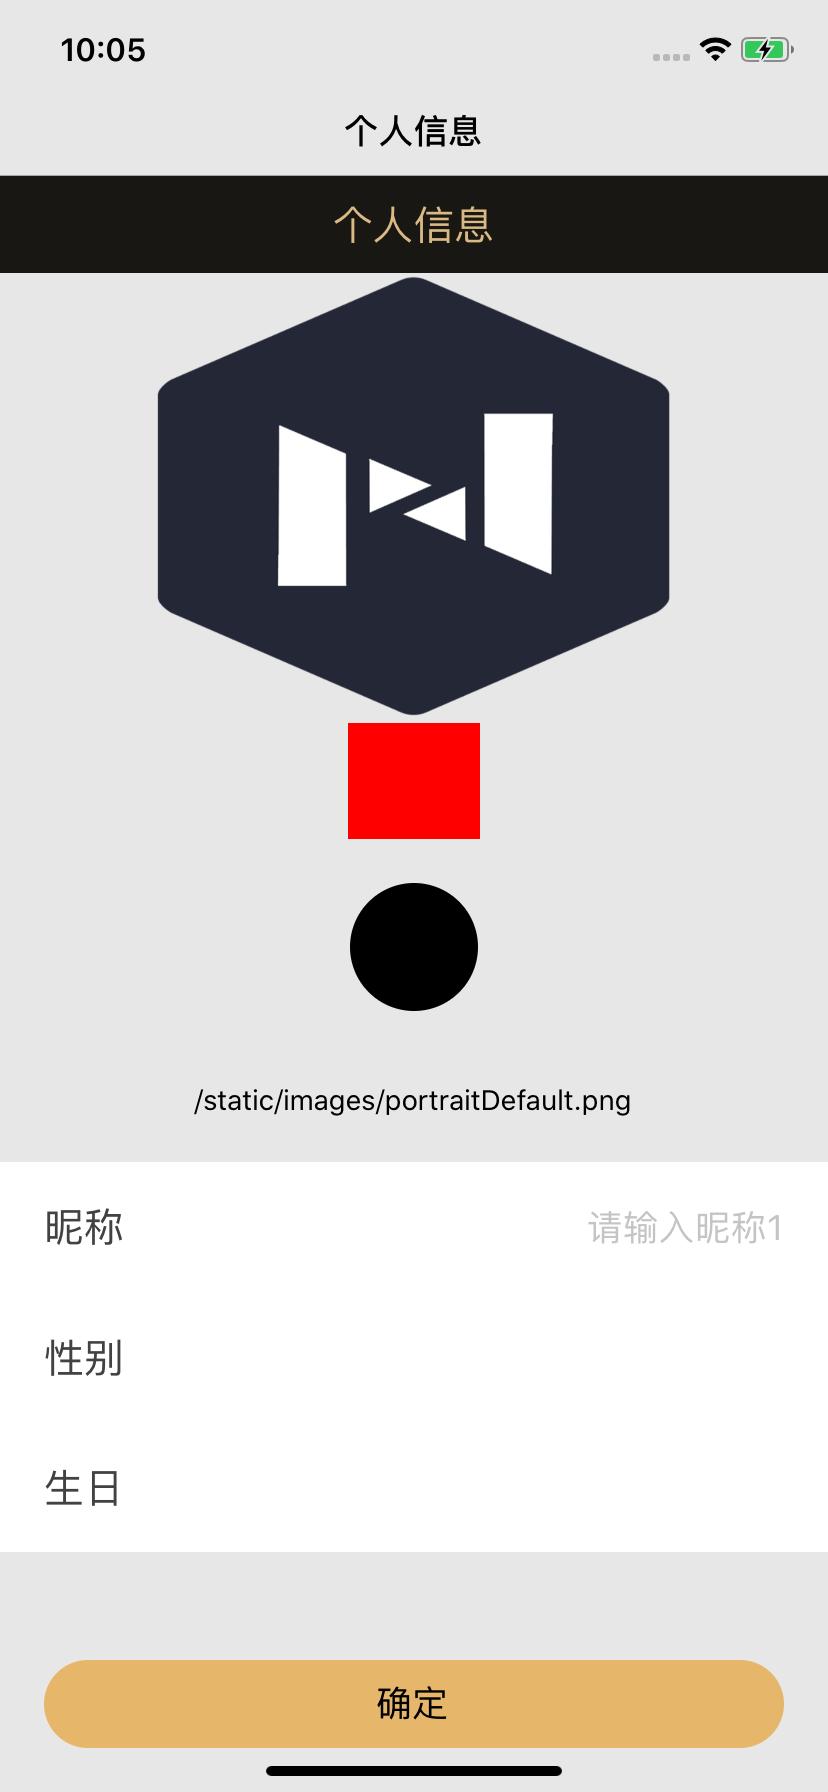 Simulator Screen Shot - iPhone 11 - 2020-05-26 at 10.05.24.png